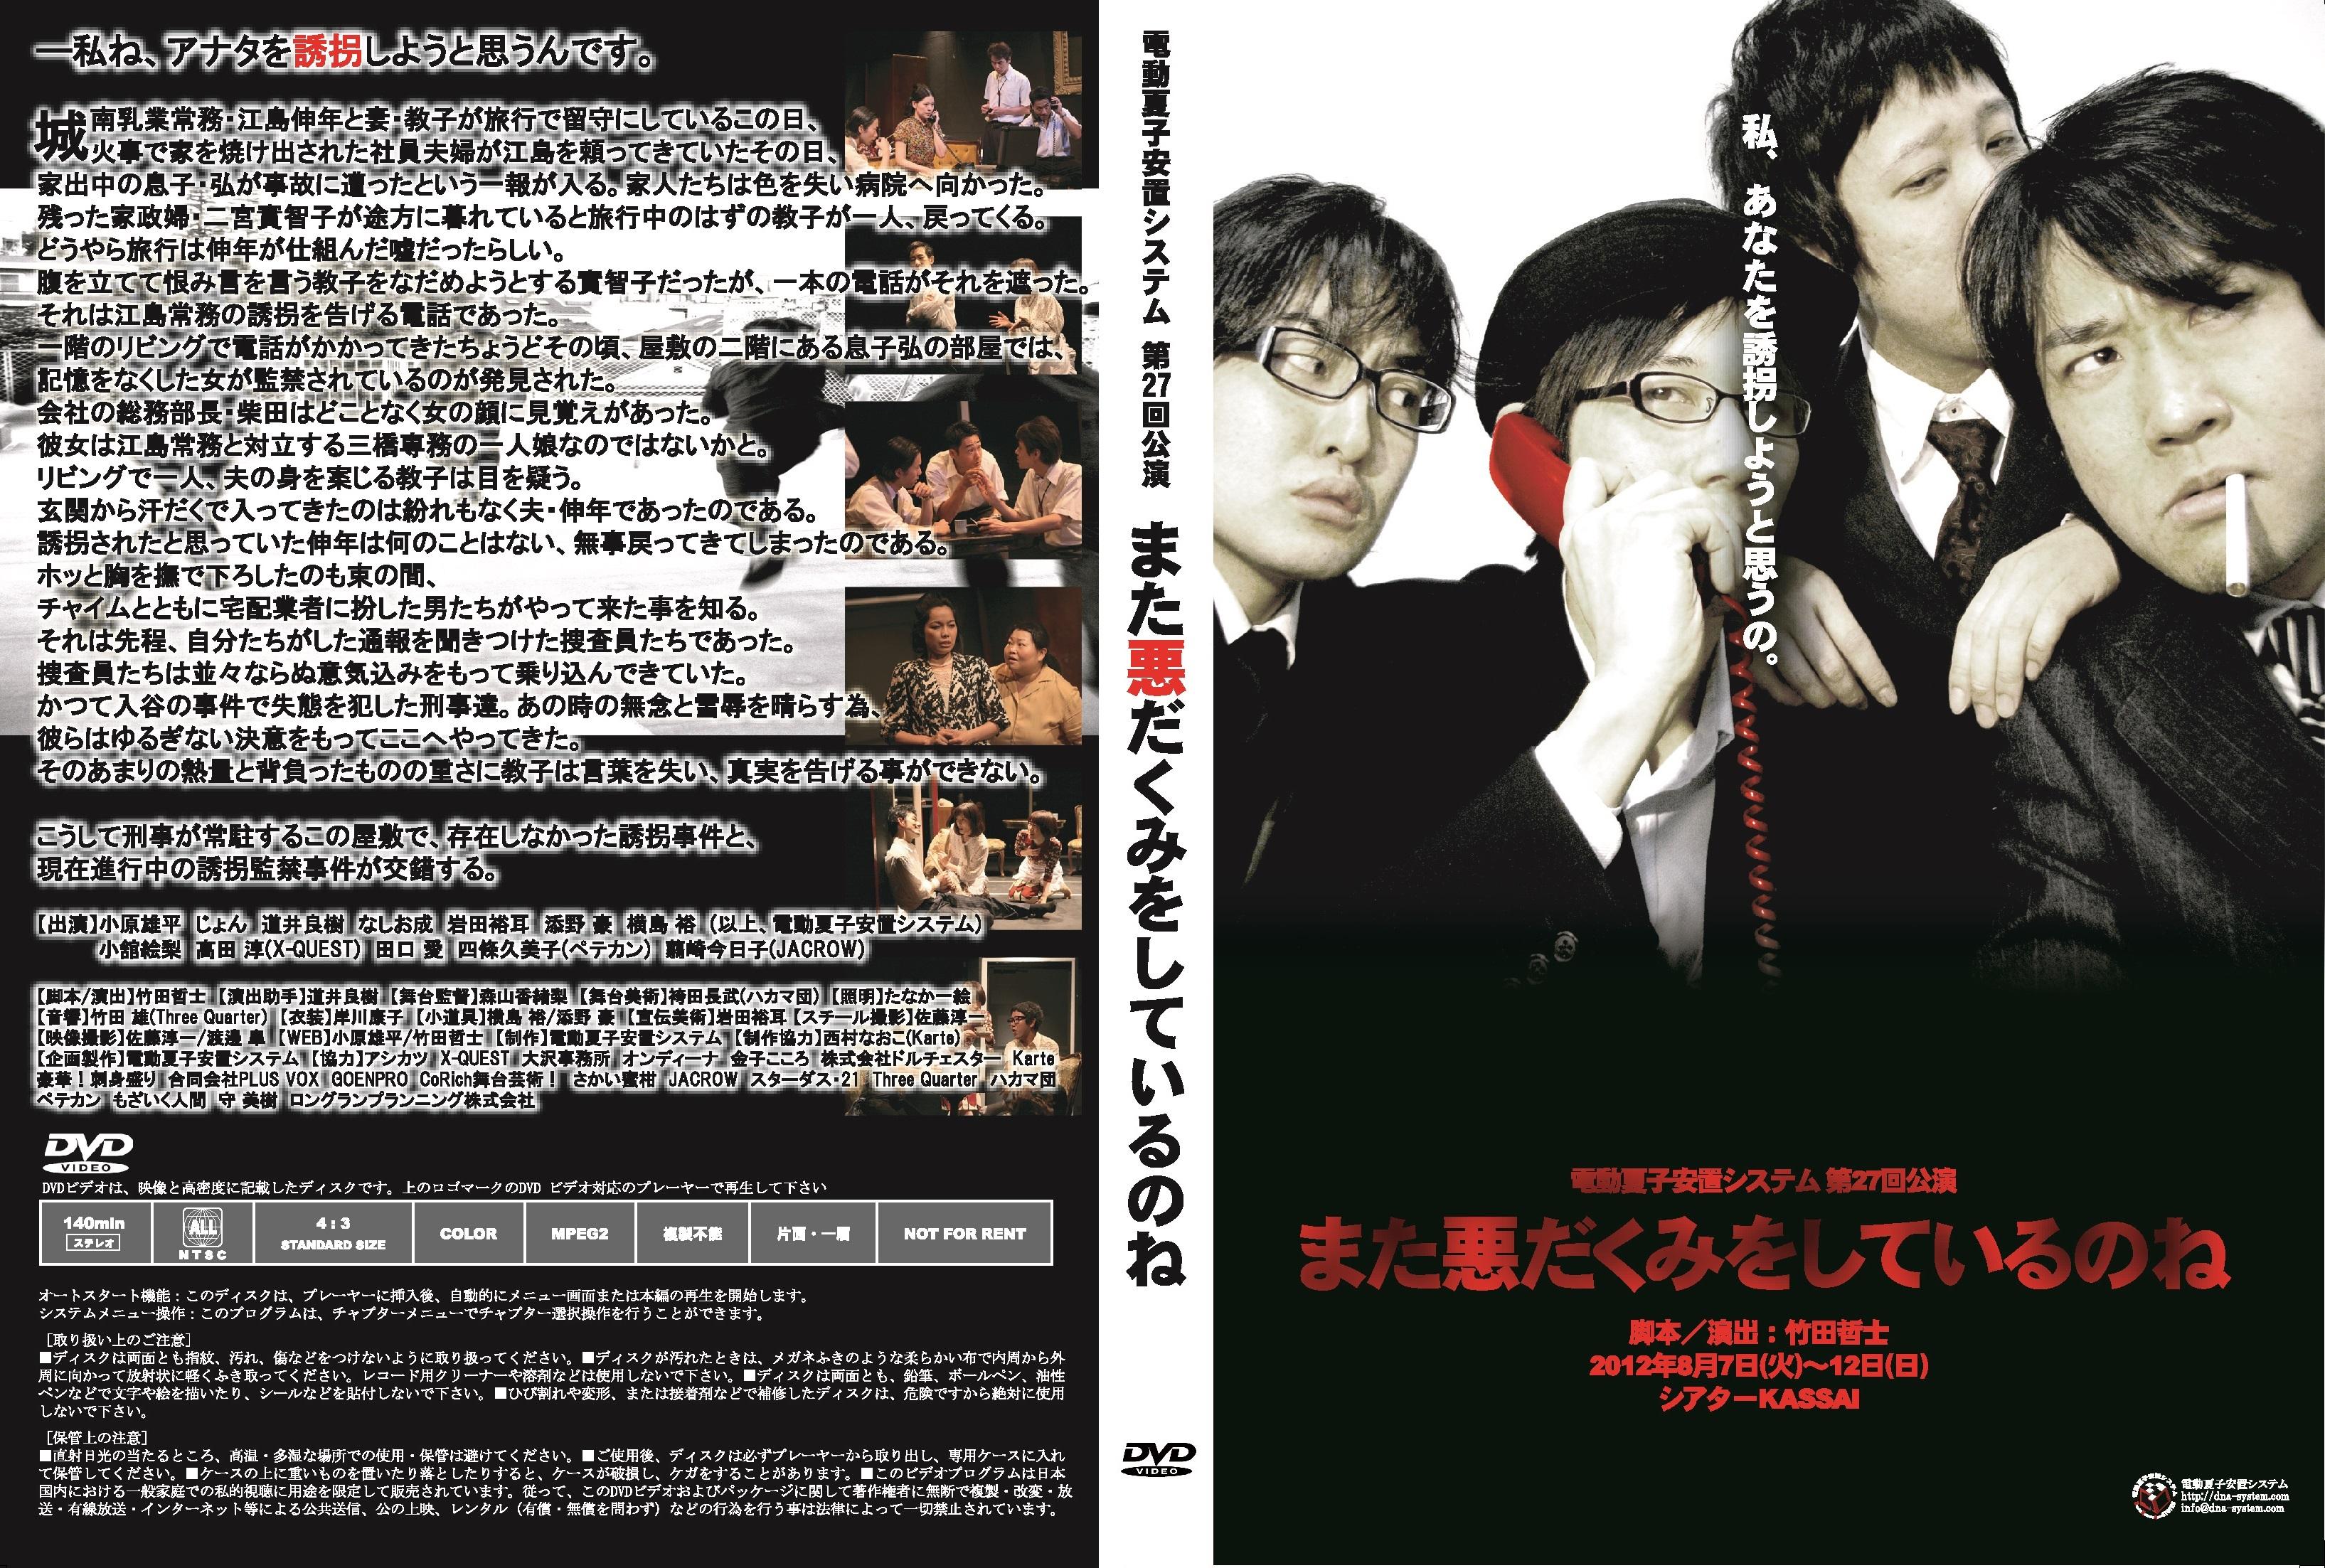 DVD 第27回公演『また悪だくみをしているのね』